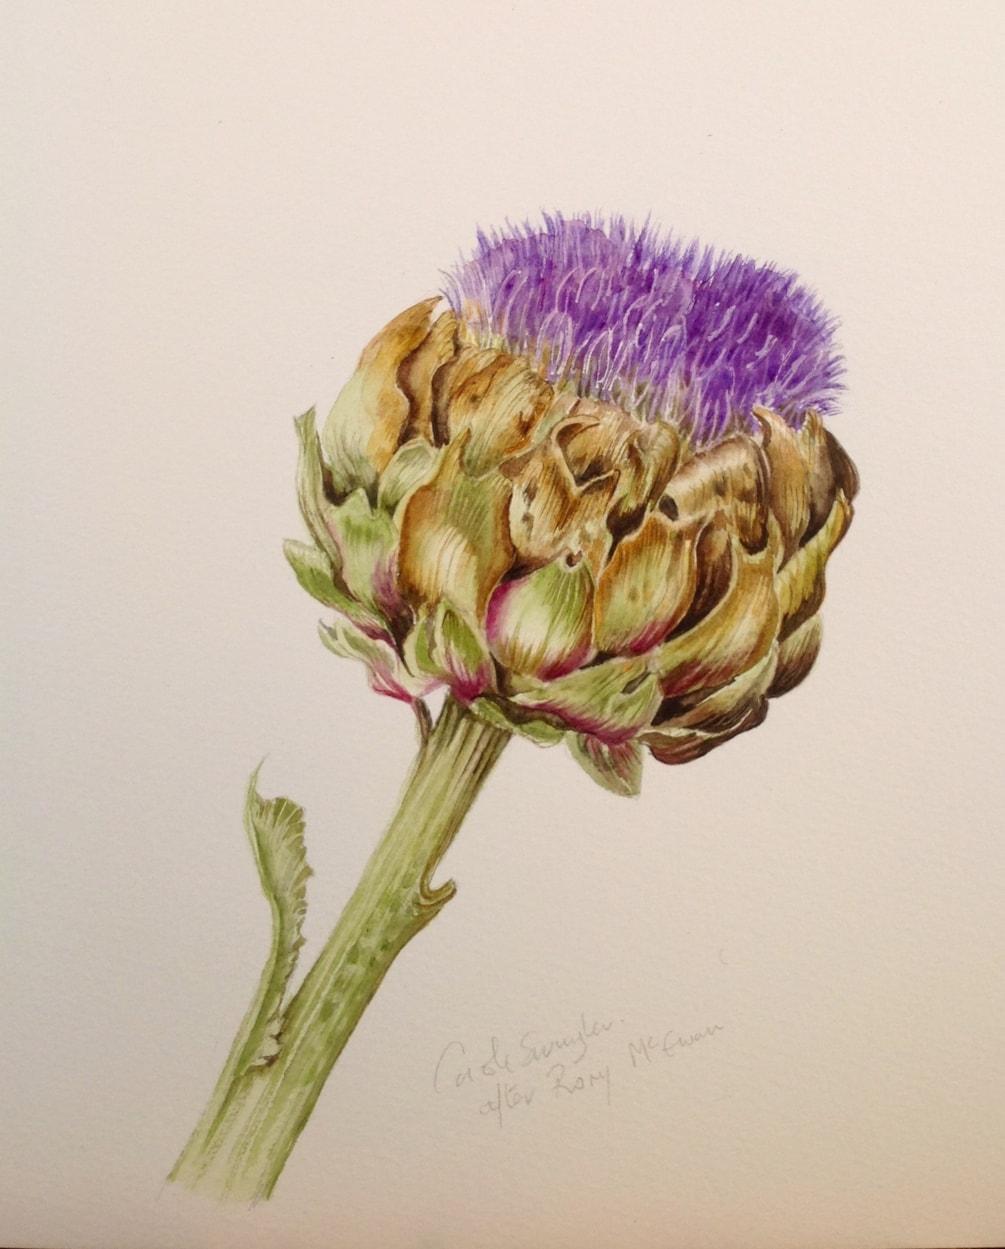 Flowering Artichoke